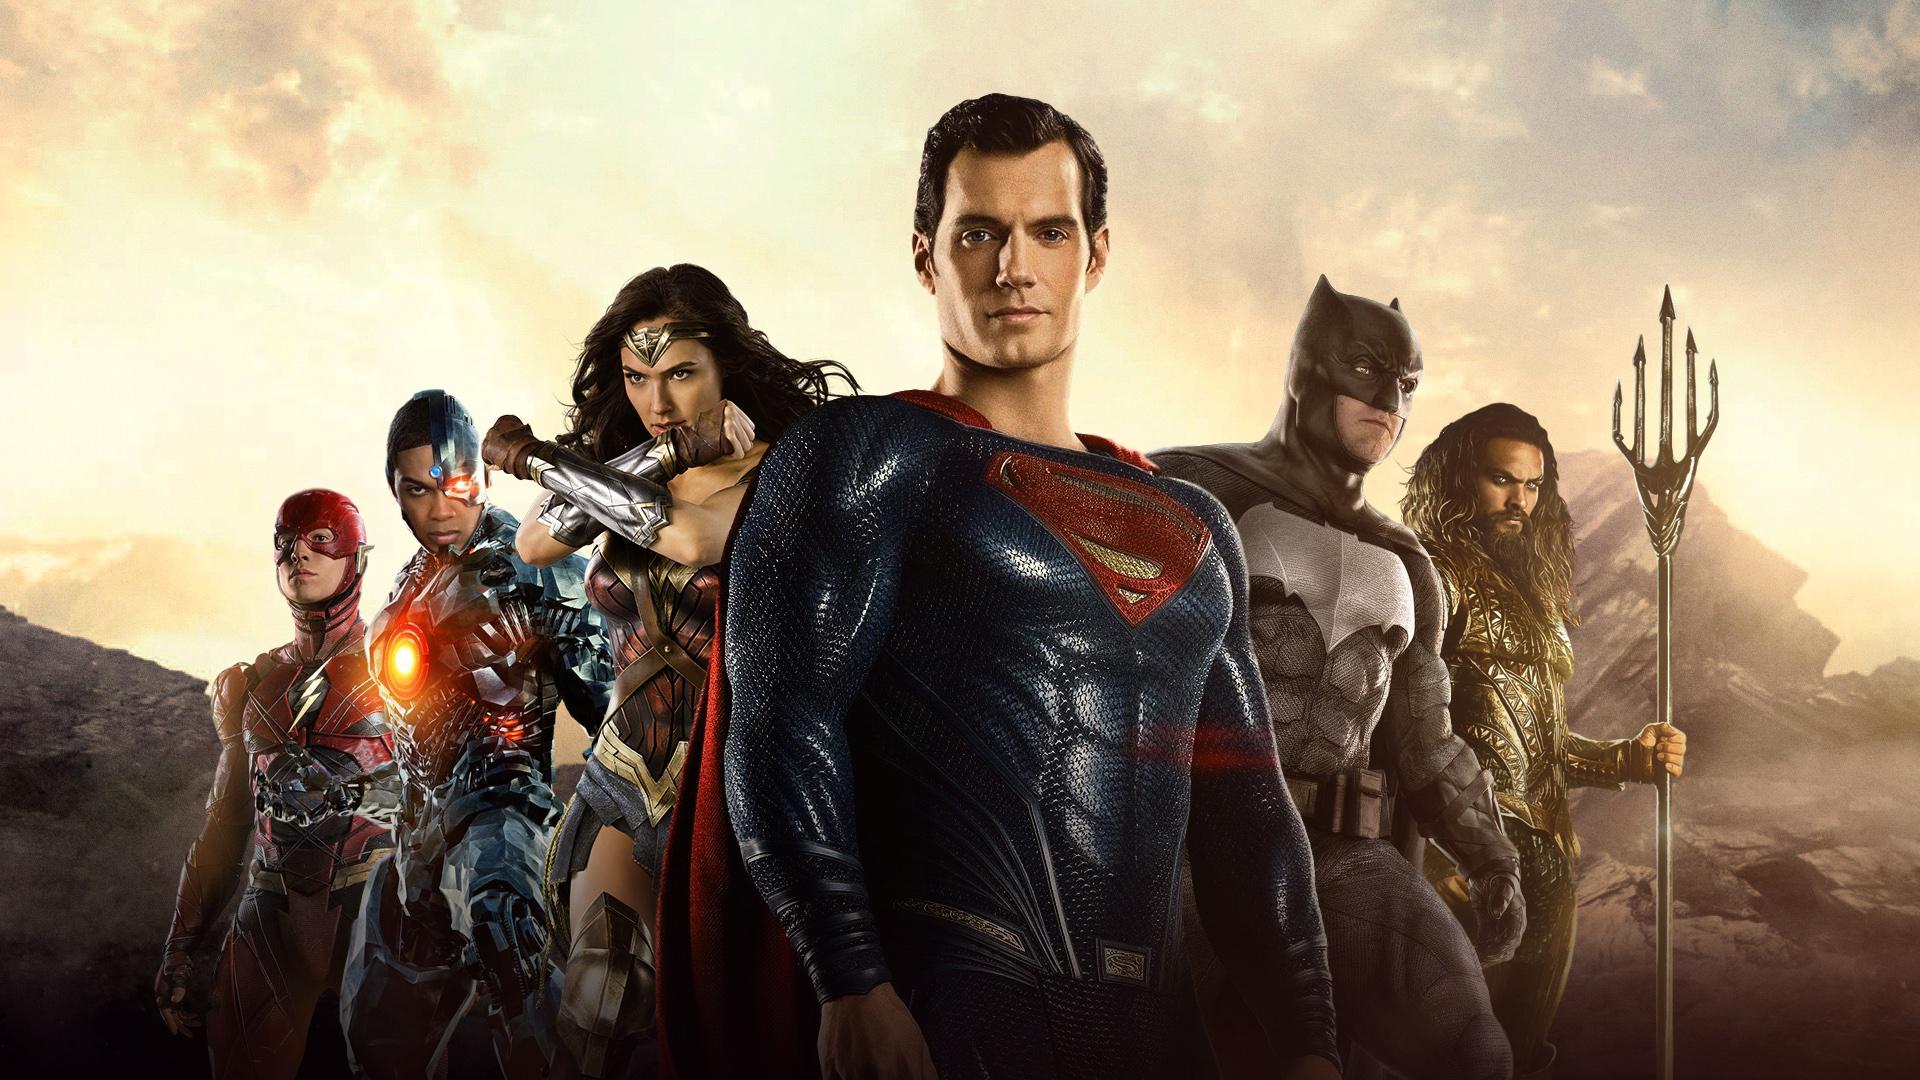 Liga da Justiça: HBO Max está supostamente gastando US$ 70 milhões para concluir o Snyder Cut